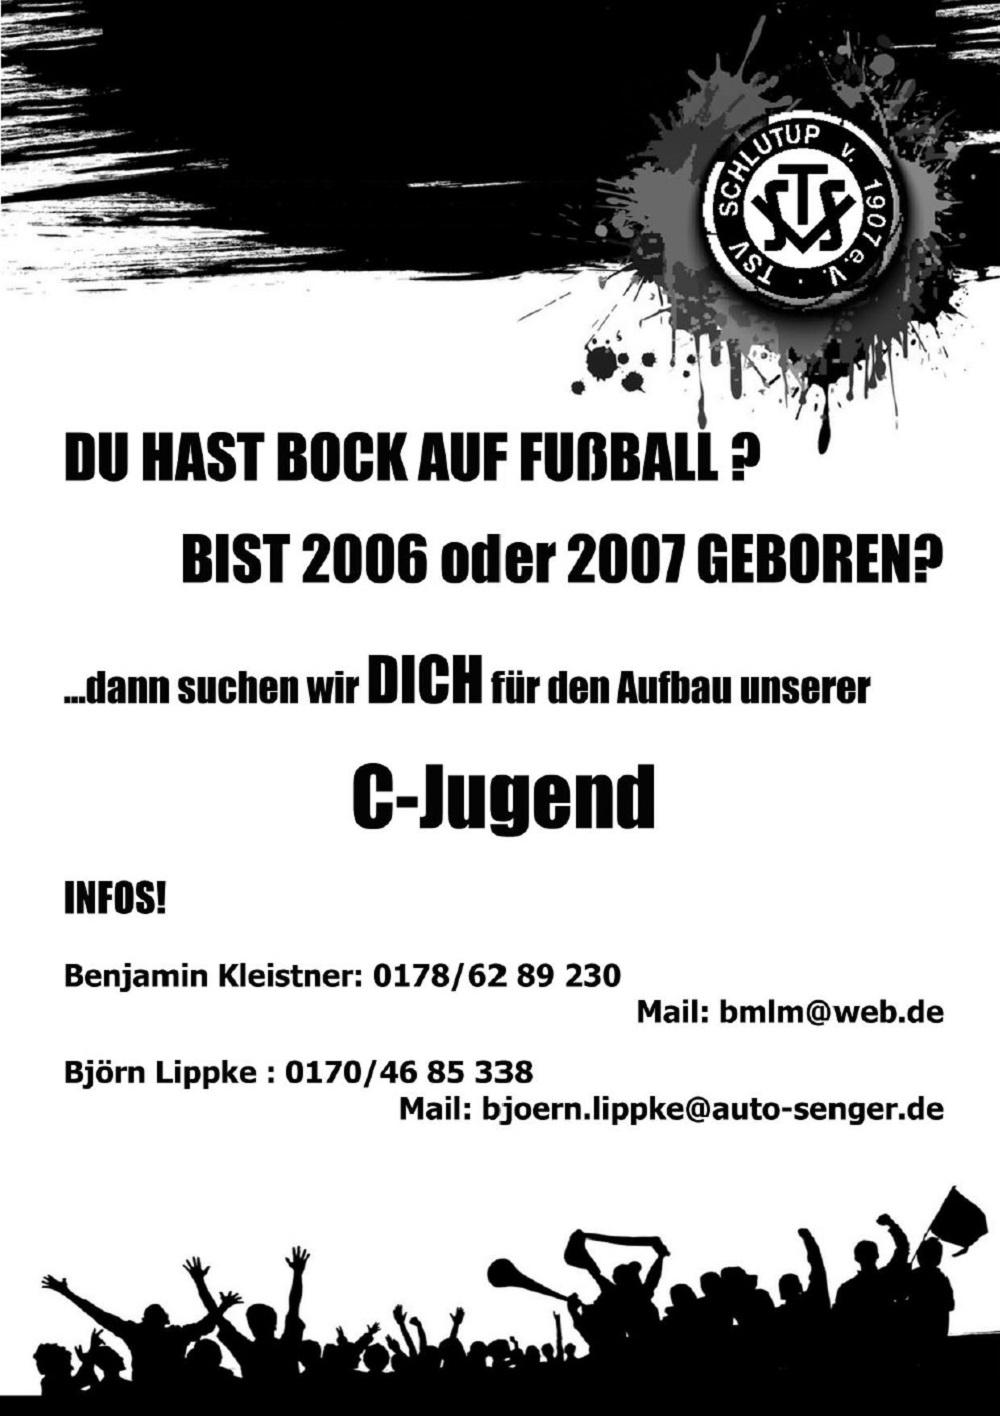 Fußballer für C-Jugend gesucht